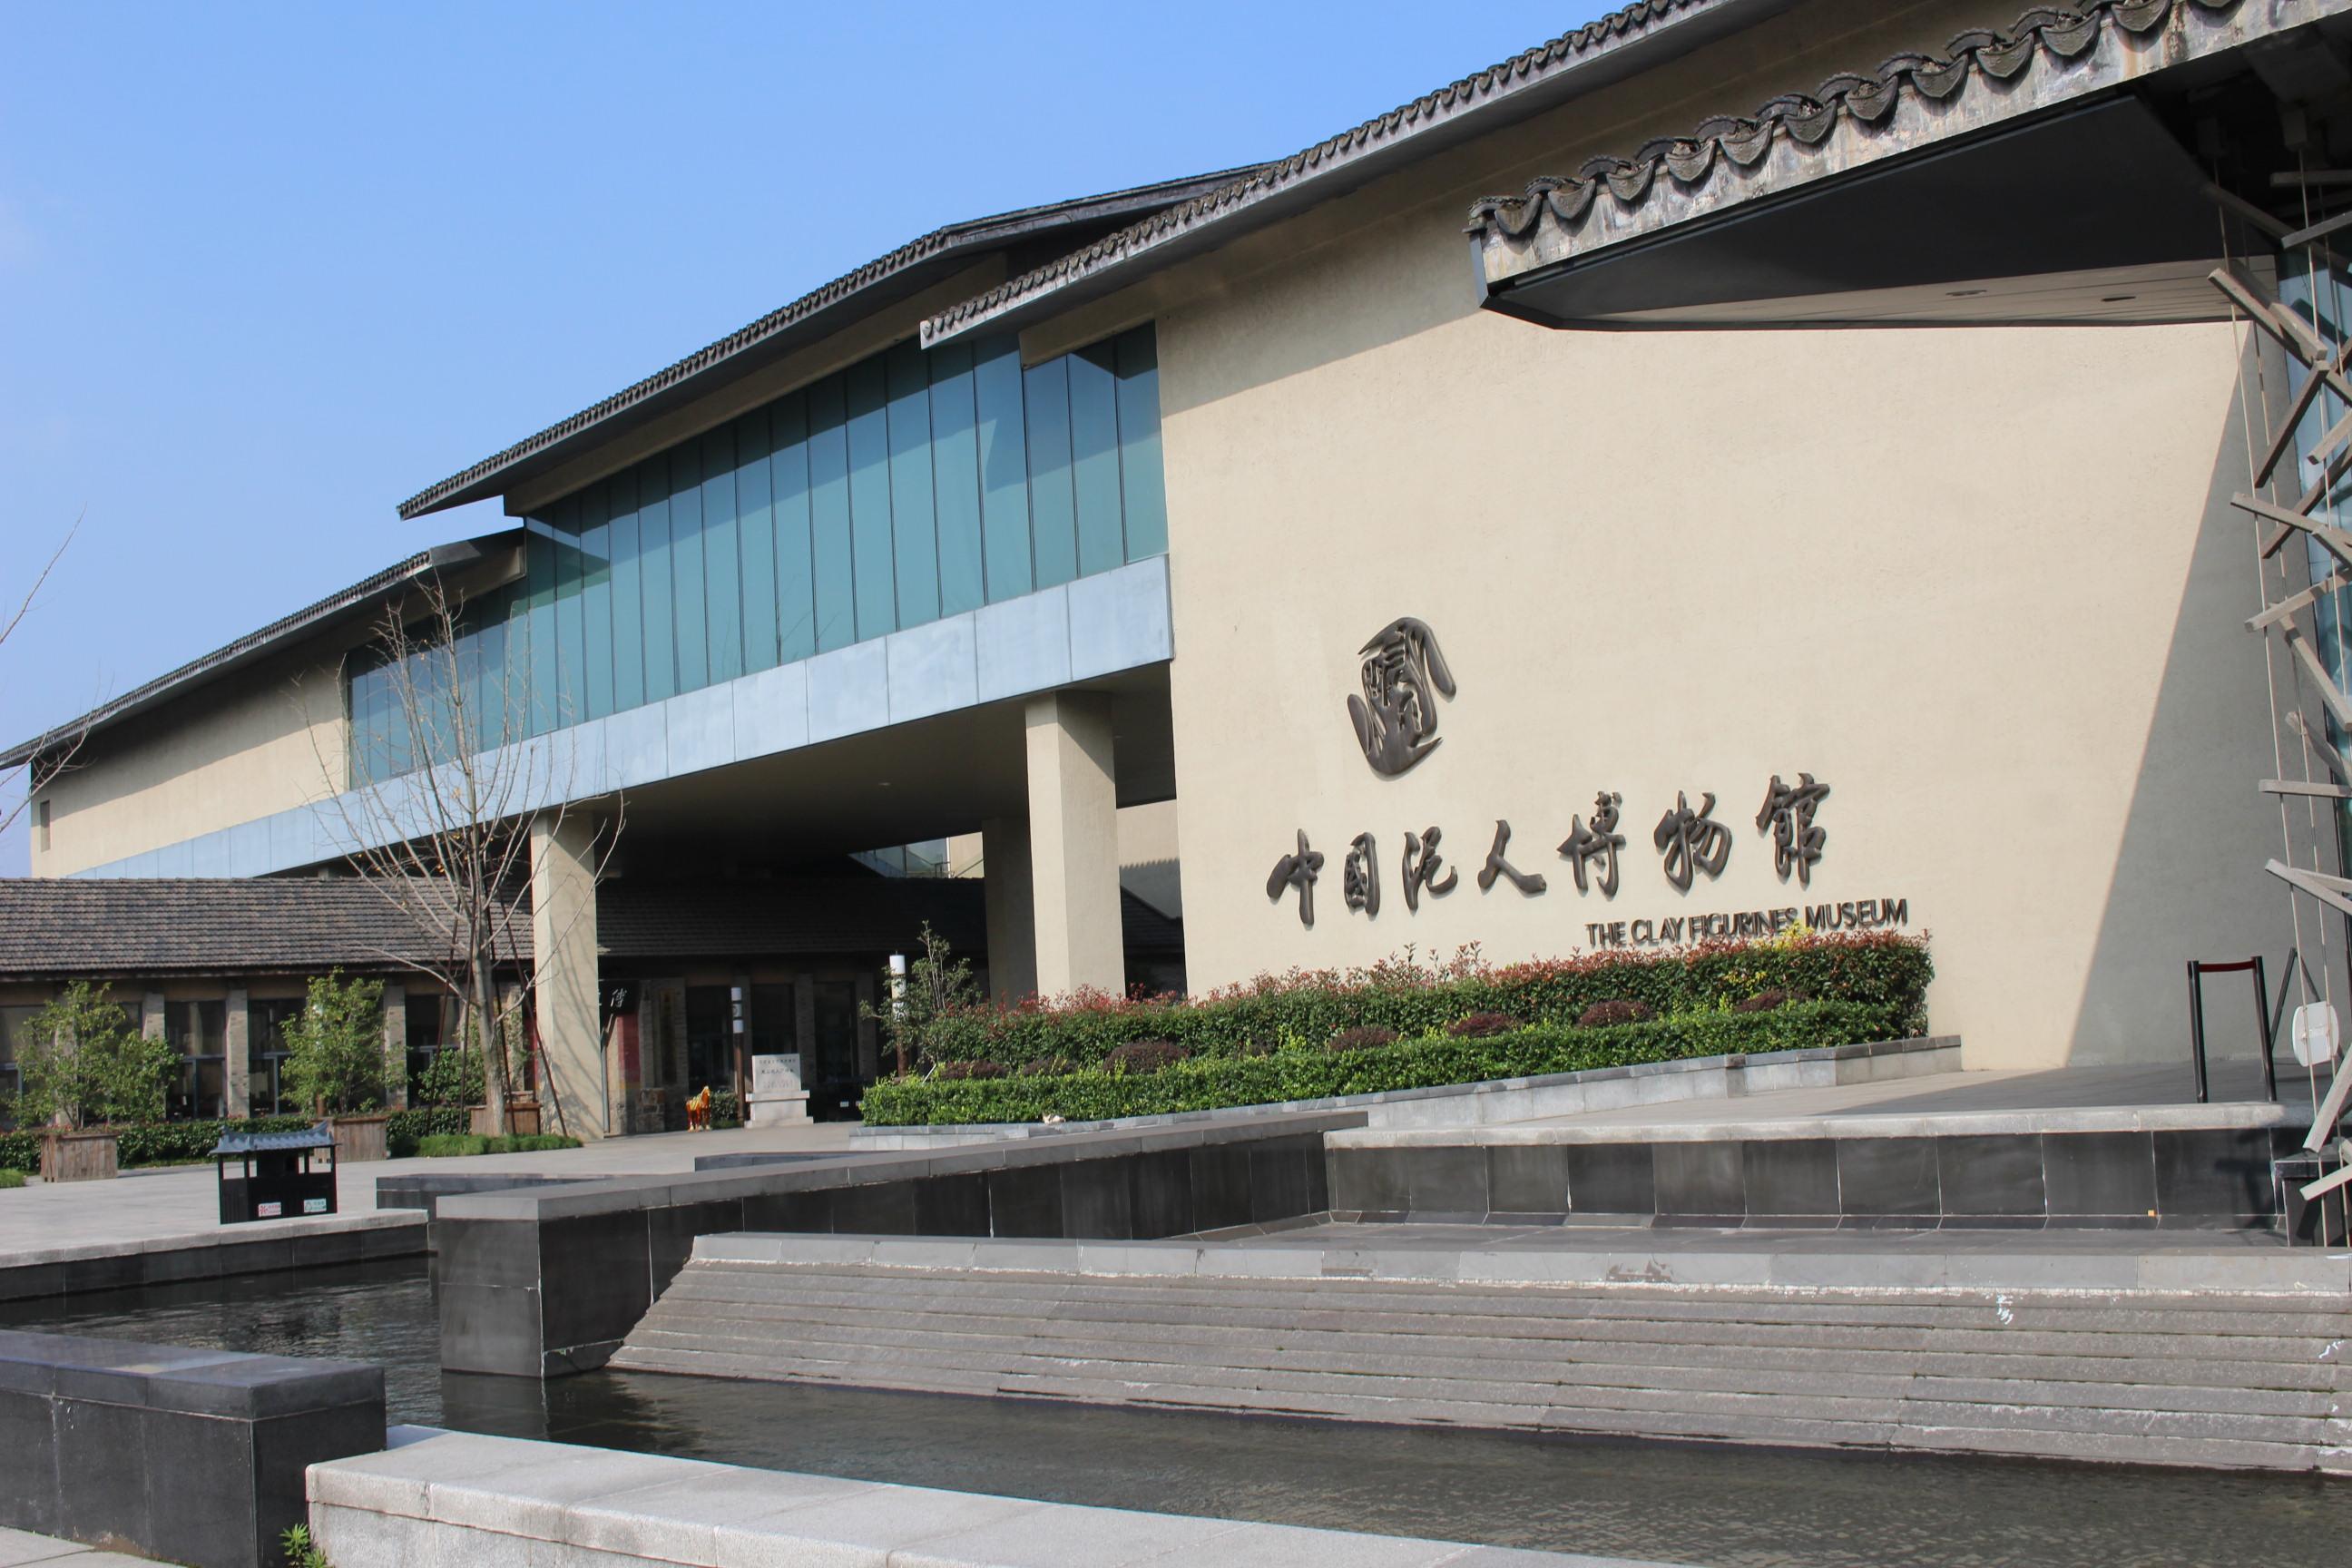 【携程攻略】江苏无锡中国泥人博物馆好玩吗,江苏中国